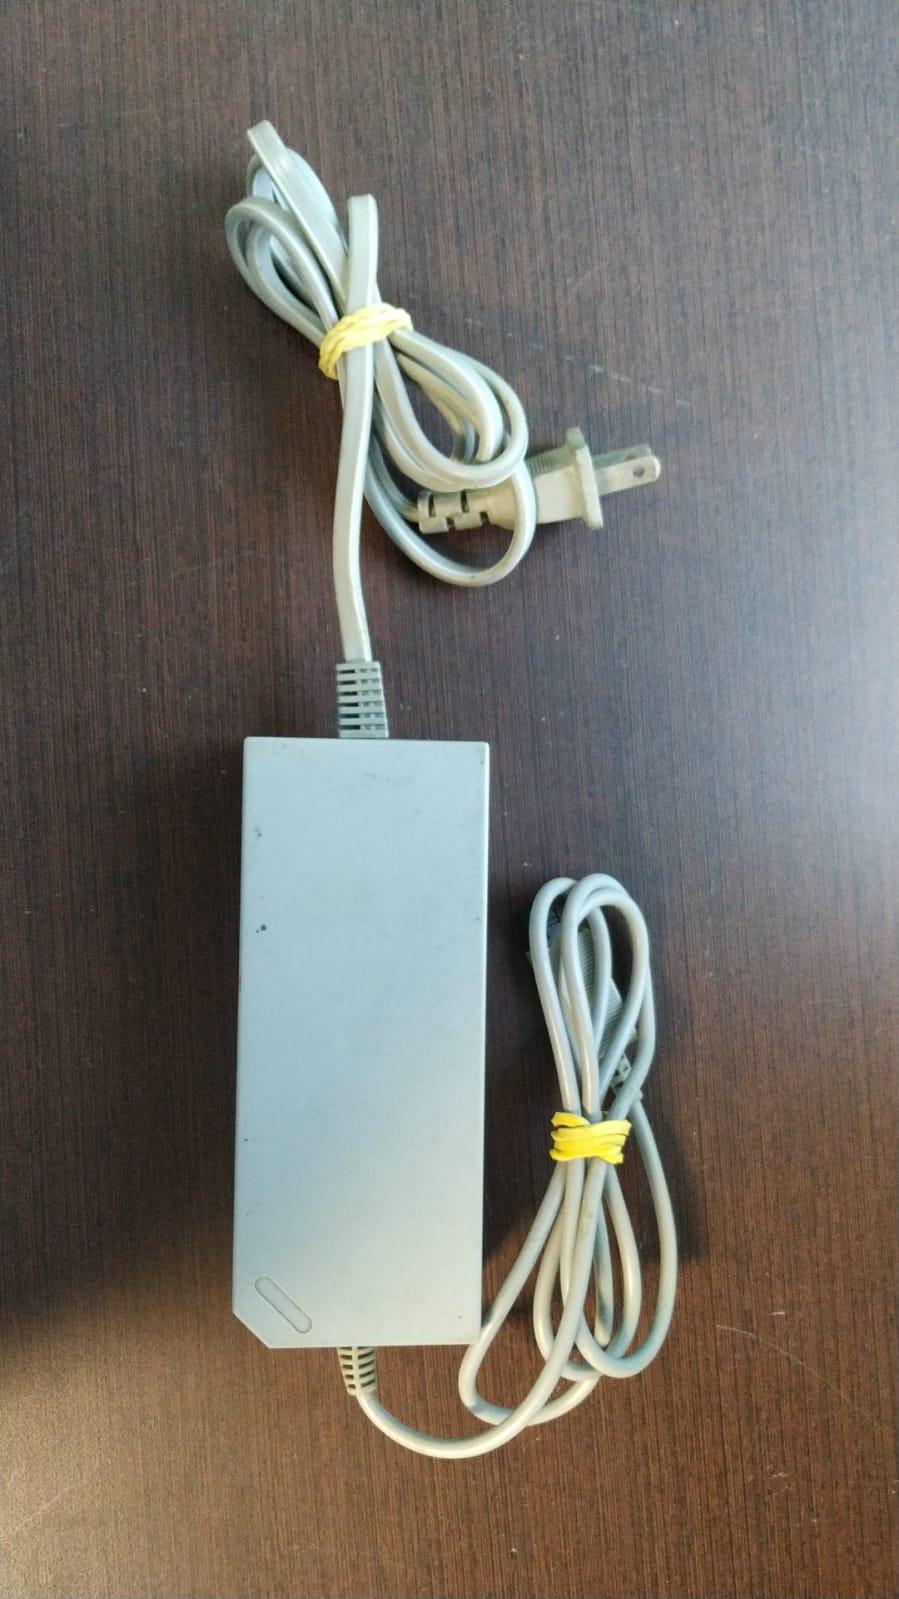 Fonte de energia para Nintendo Wii (paralela) - Usado